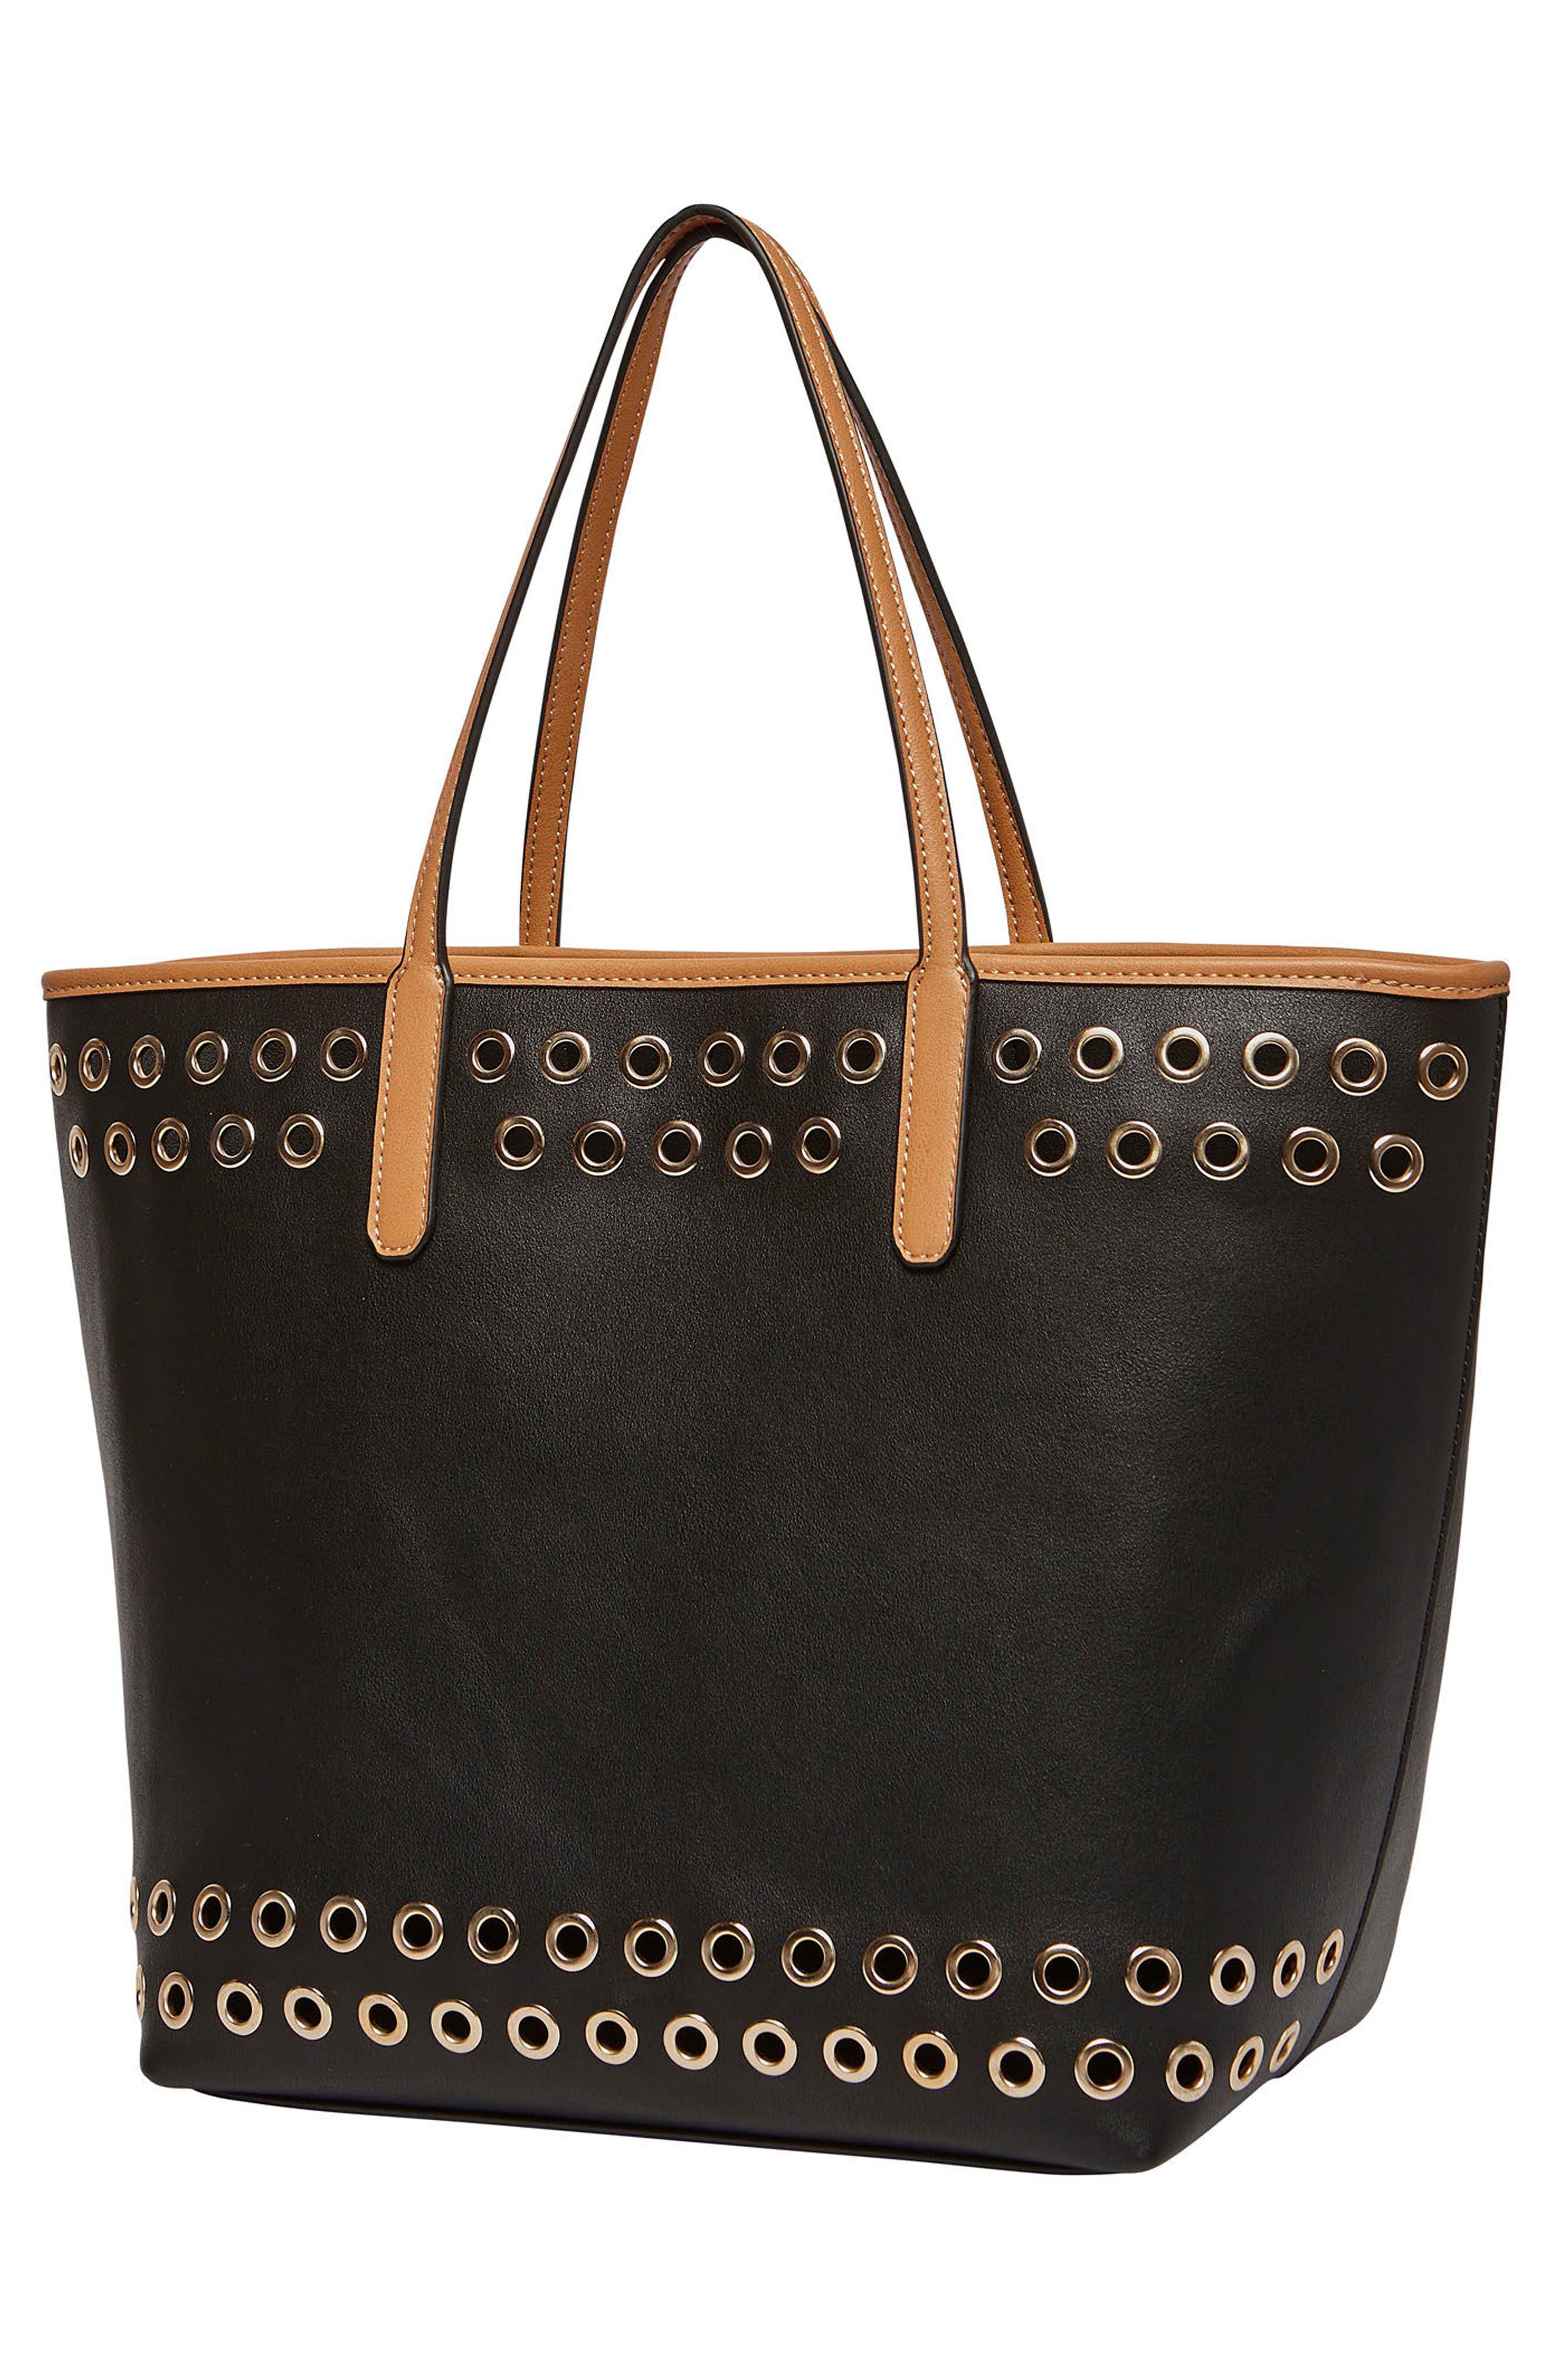 Wonderland Vegan Leather Tote & Shoulder Bag,                             Alternate thumbnail 3, color,                             001